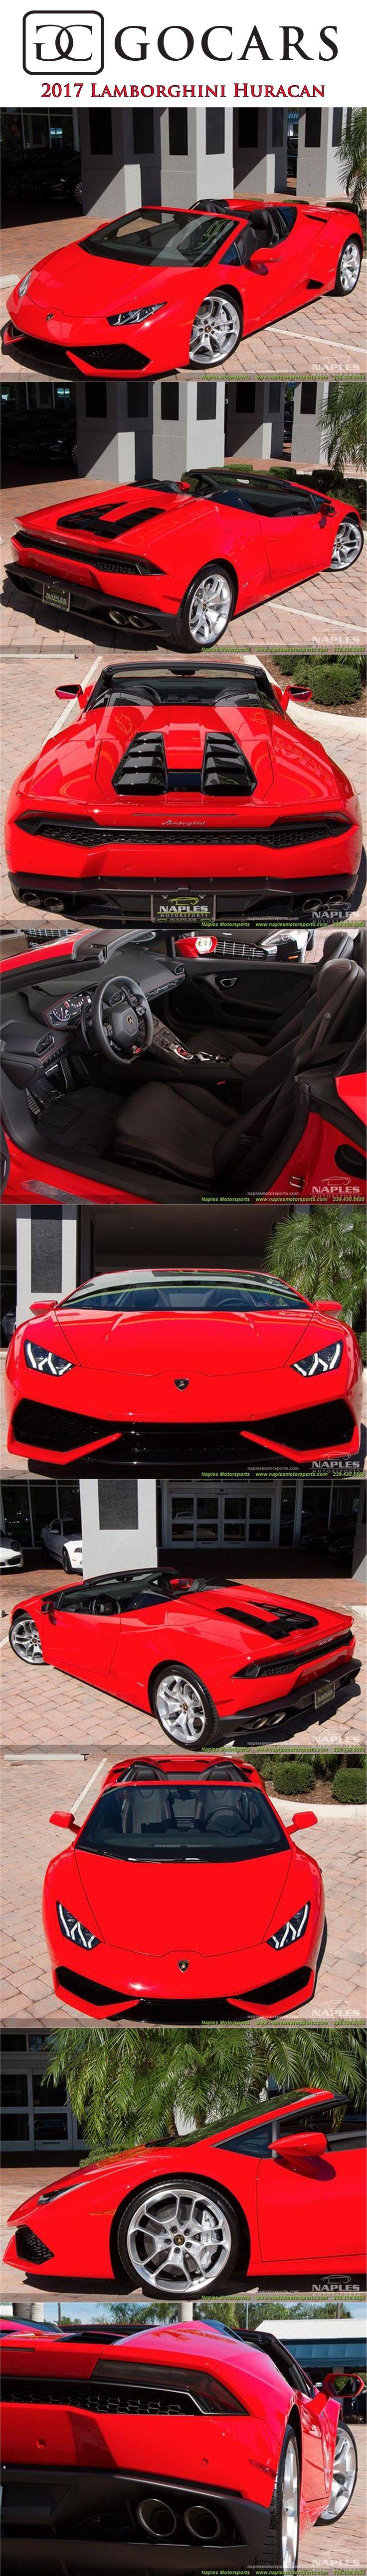 2647a72af77ef95e2a76d28df32832f4 Exciting Lamborghini Huracán Lp 610-4 Cena Cars Trend